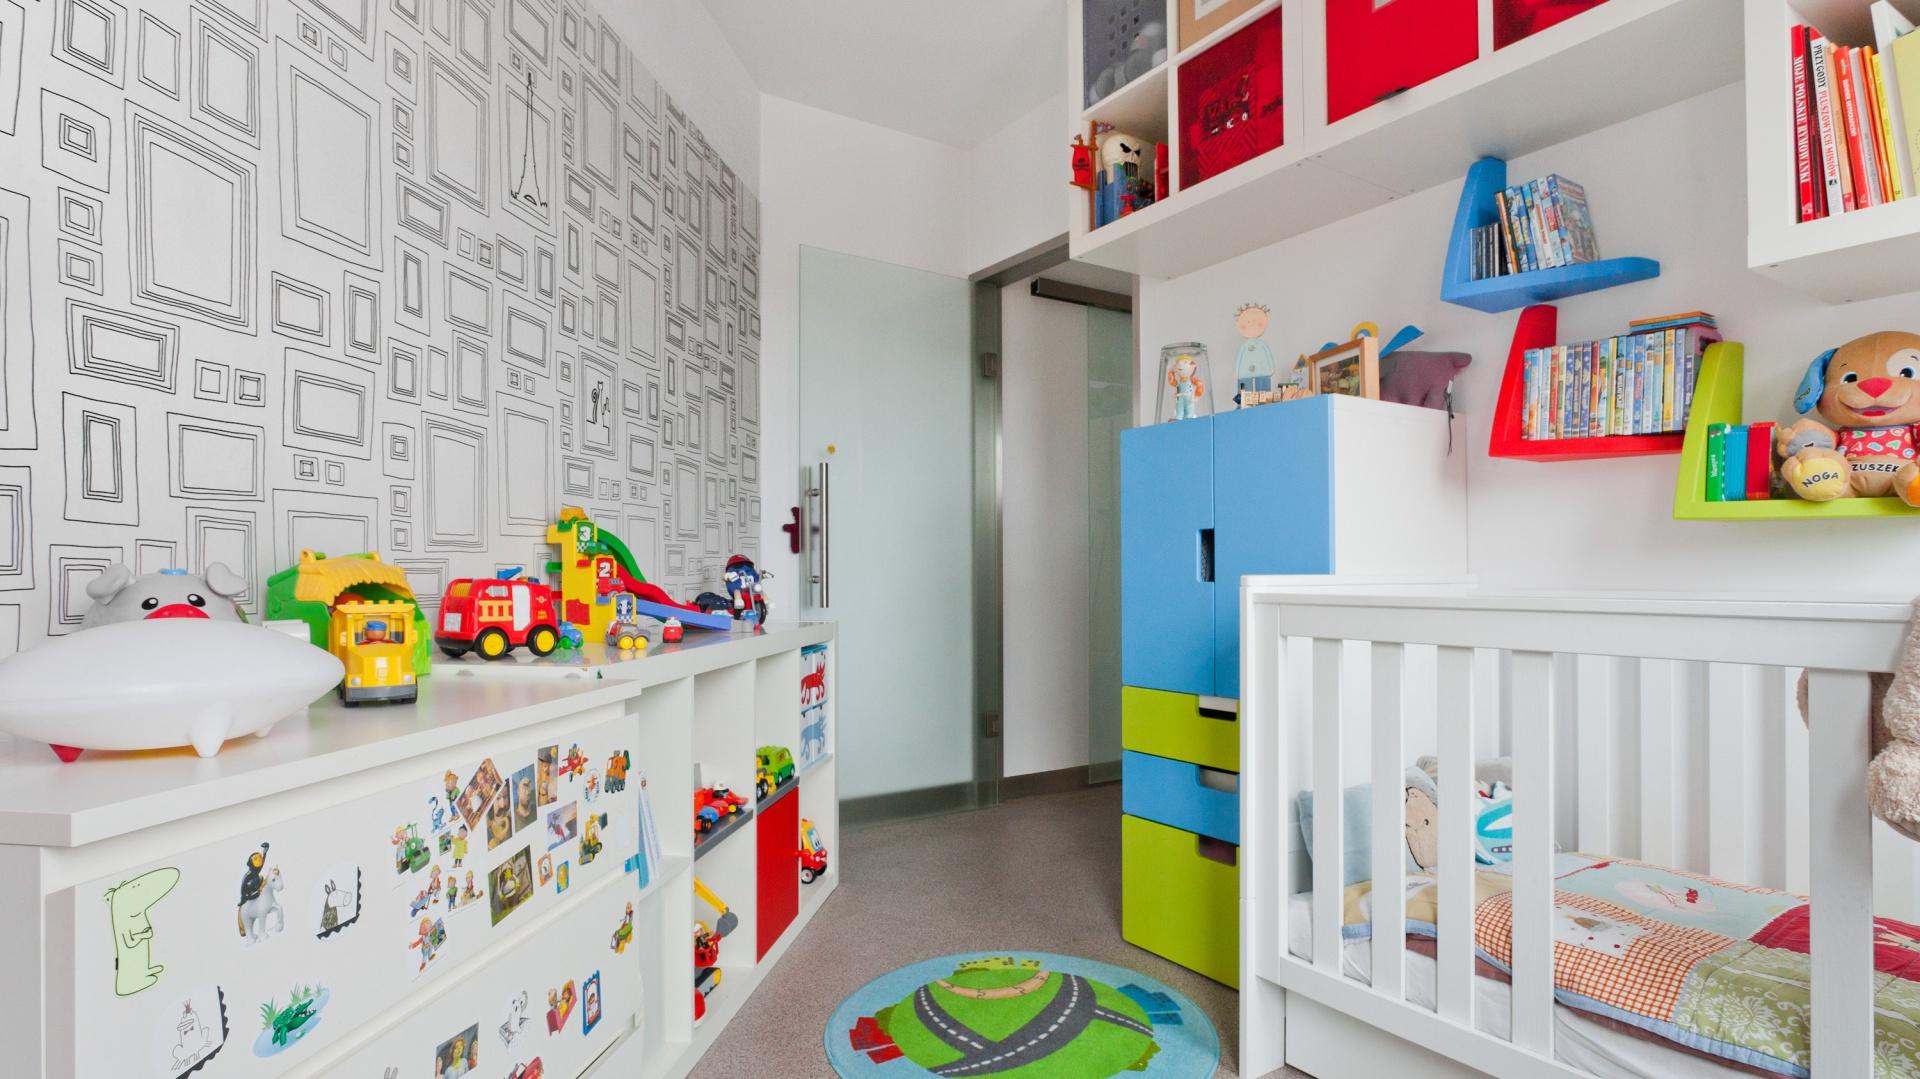 Pokój dziecka jest niewielki, ale dzięki jasnym ścianom i świeżym, energetycznym kolorom wydaje się być dużo większy, niż w rzeczywistości. Za realizację odpowiada Kasia Orwat z pracowni projektowej Home Design. Fot. Archiconnect.pl